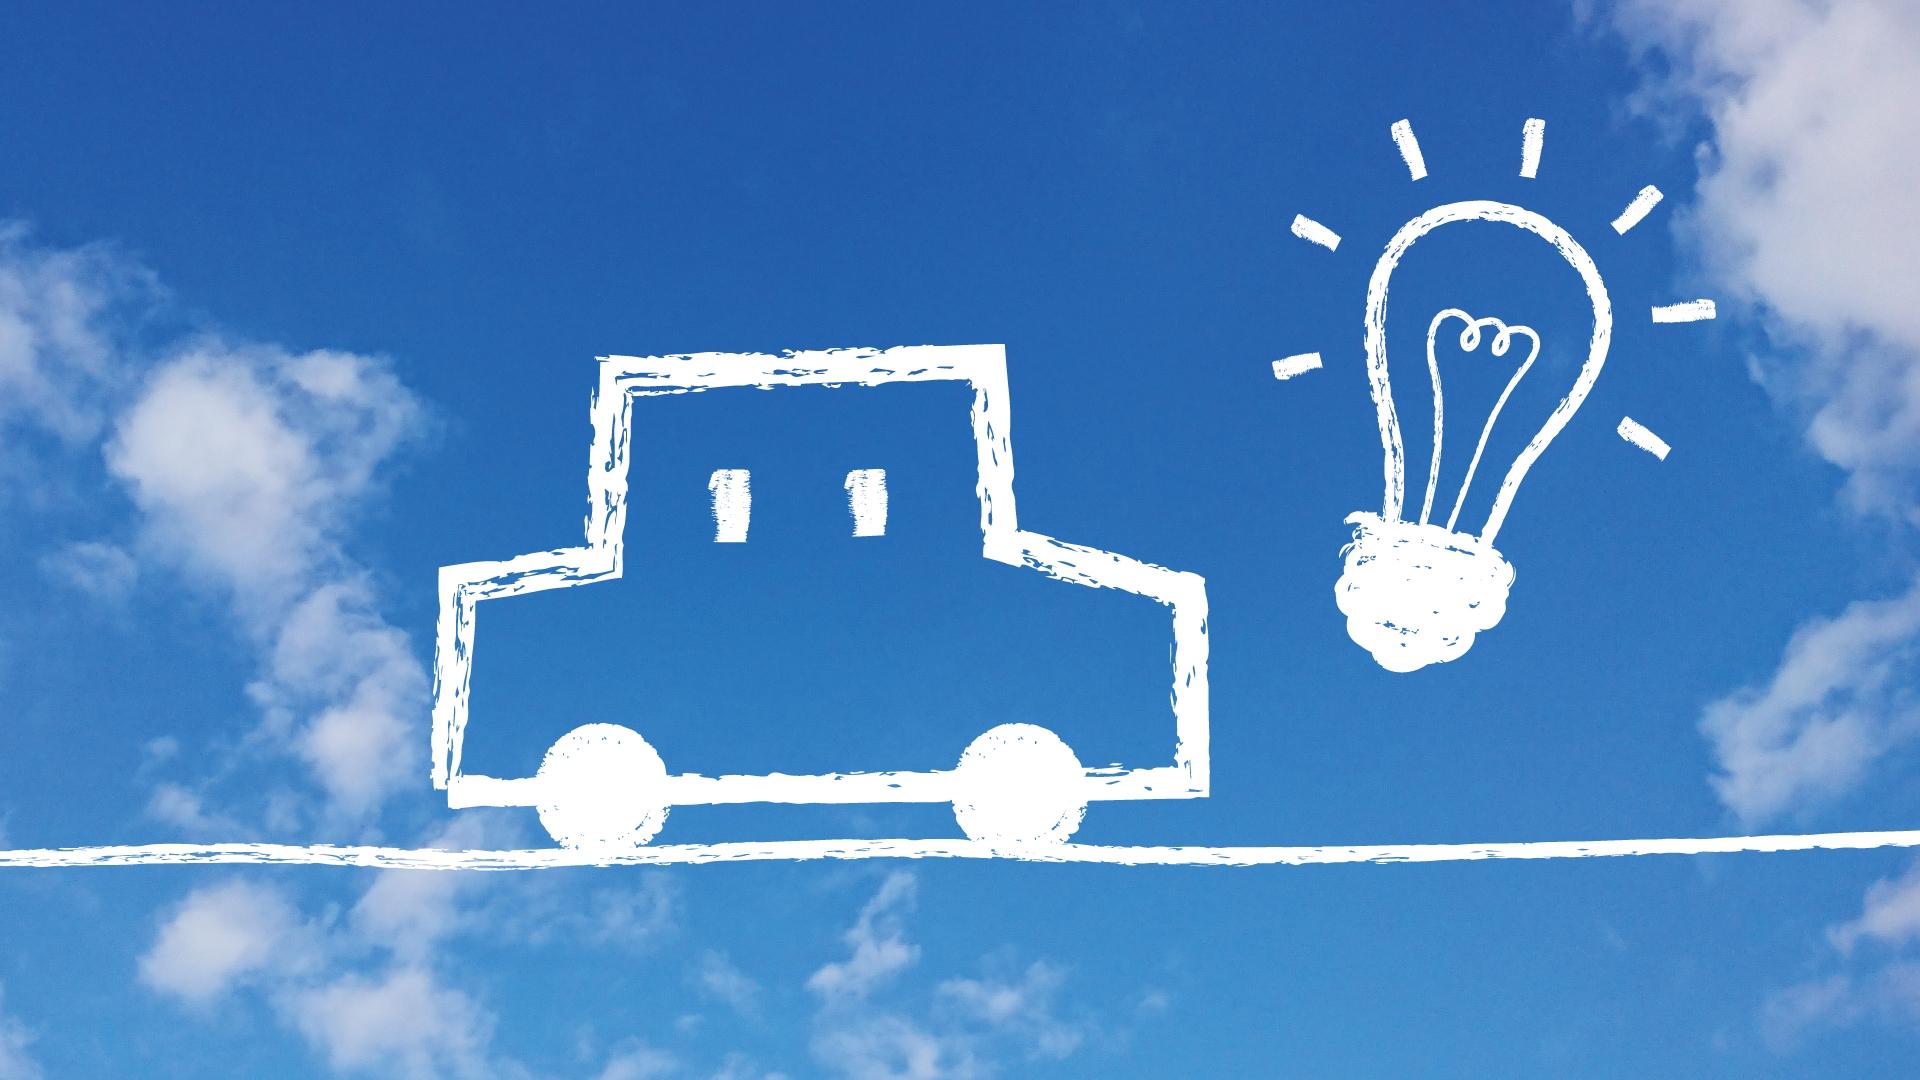 ソニー、電気自動車「VISION-S」からみるMobility社会、MaaSの未来